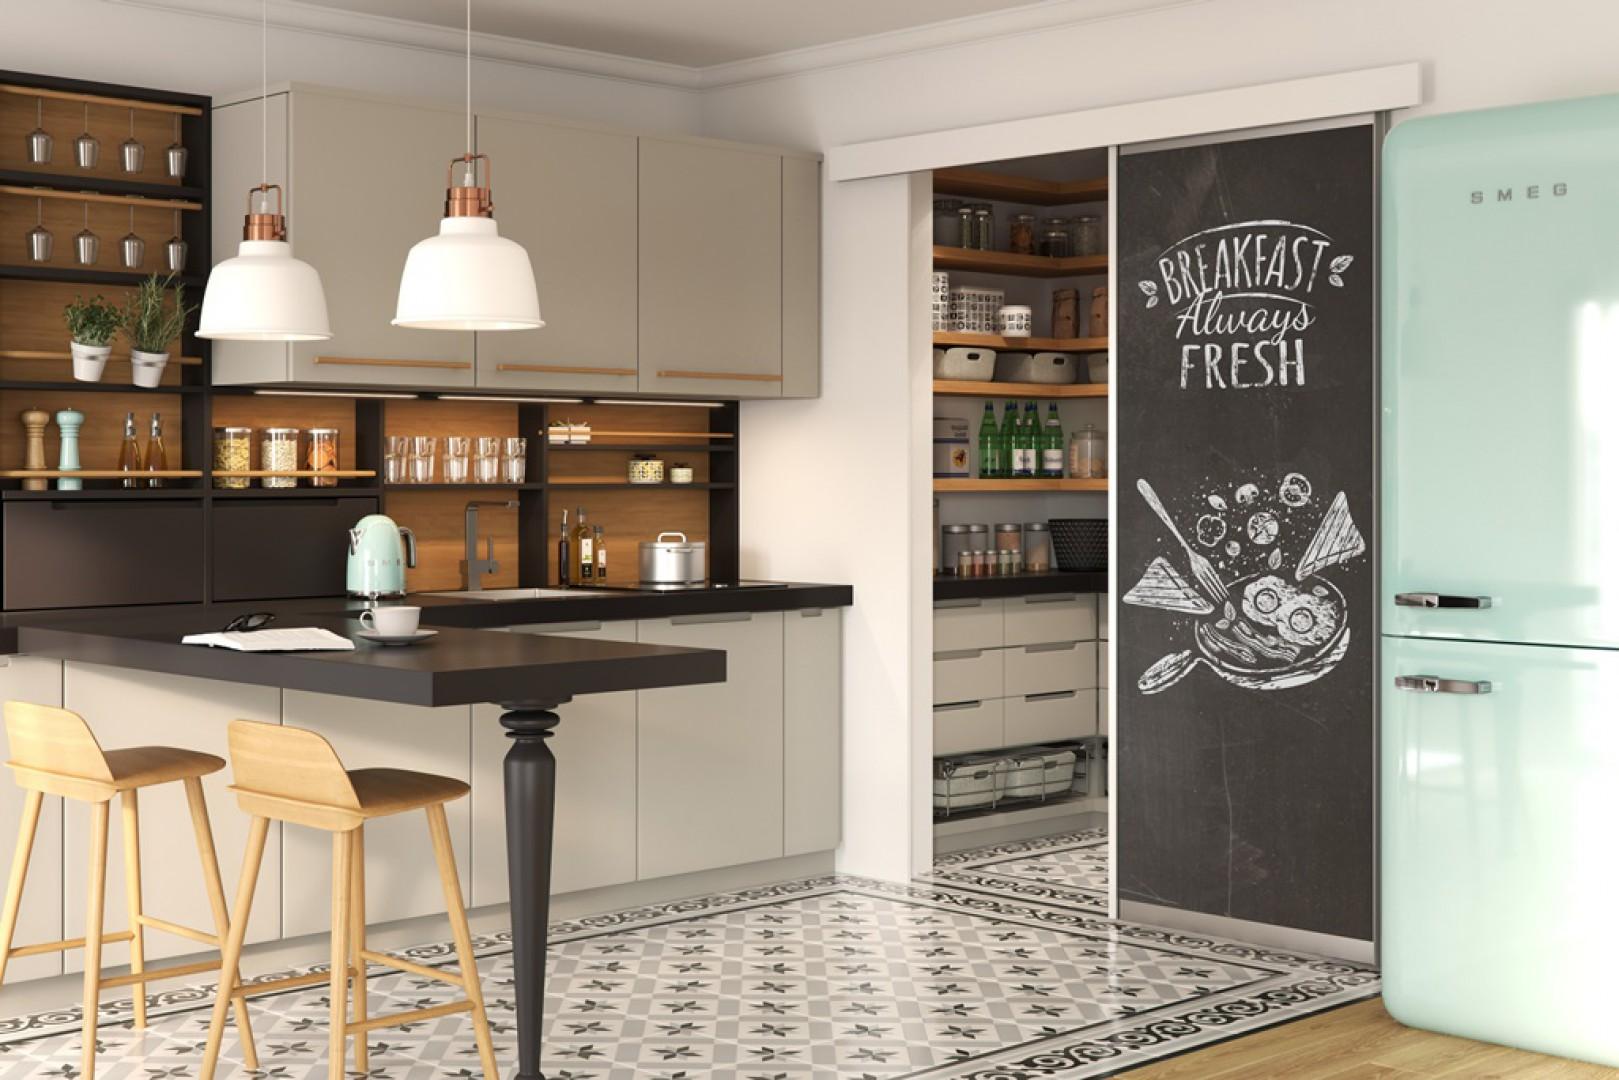 Wydzielona spiżarnia to doskonałe miejsce do przechowywania. Jeśli nie mamy tyle miejsca w kuchni, można w praktyczny sposób zagospodarować wnętrze szafek i szuflad. Fot. GTV